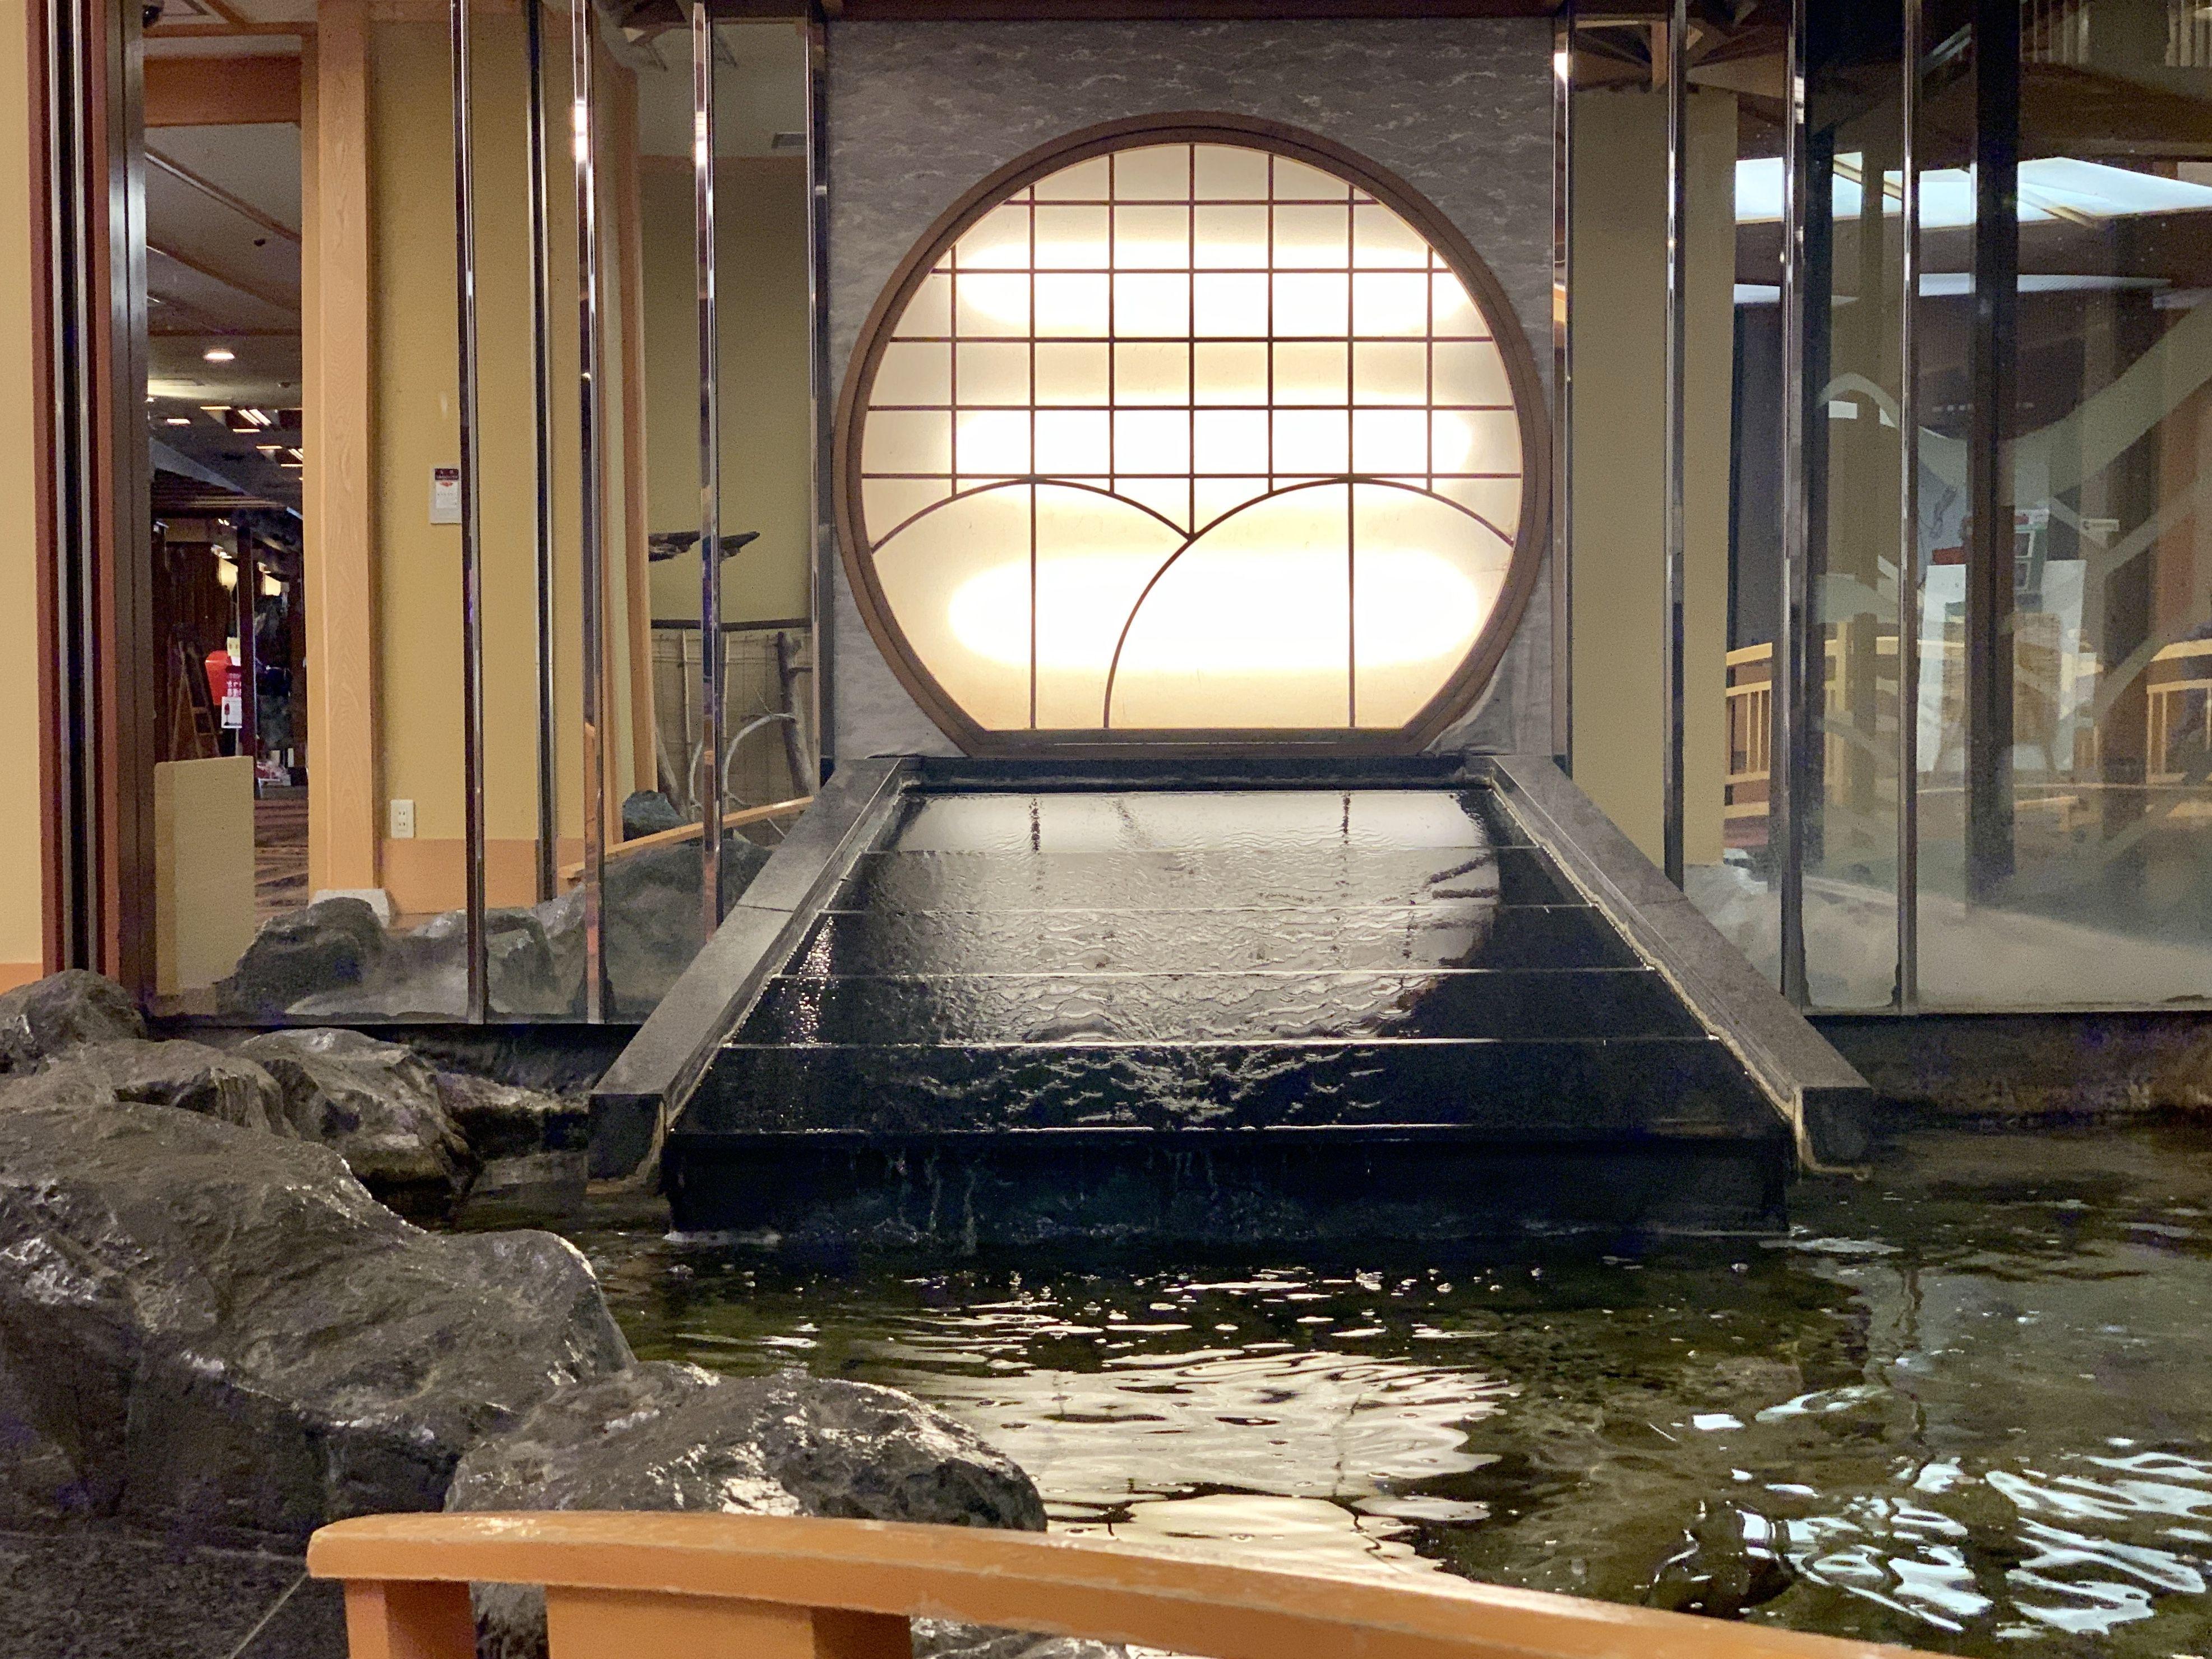 イトウ マス科の魚 がいるイケス 旅館 温泉 リゾート